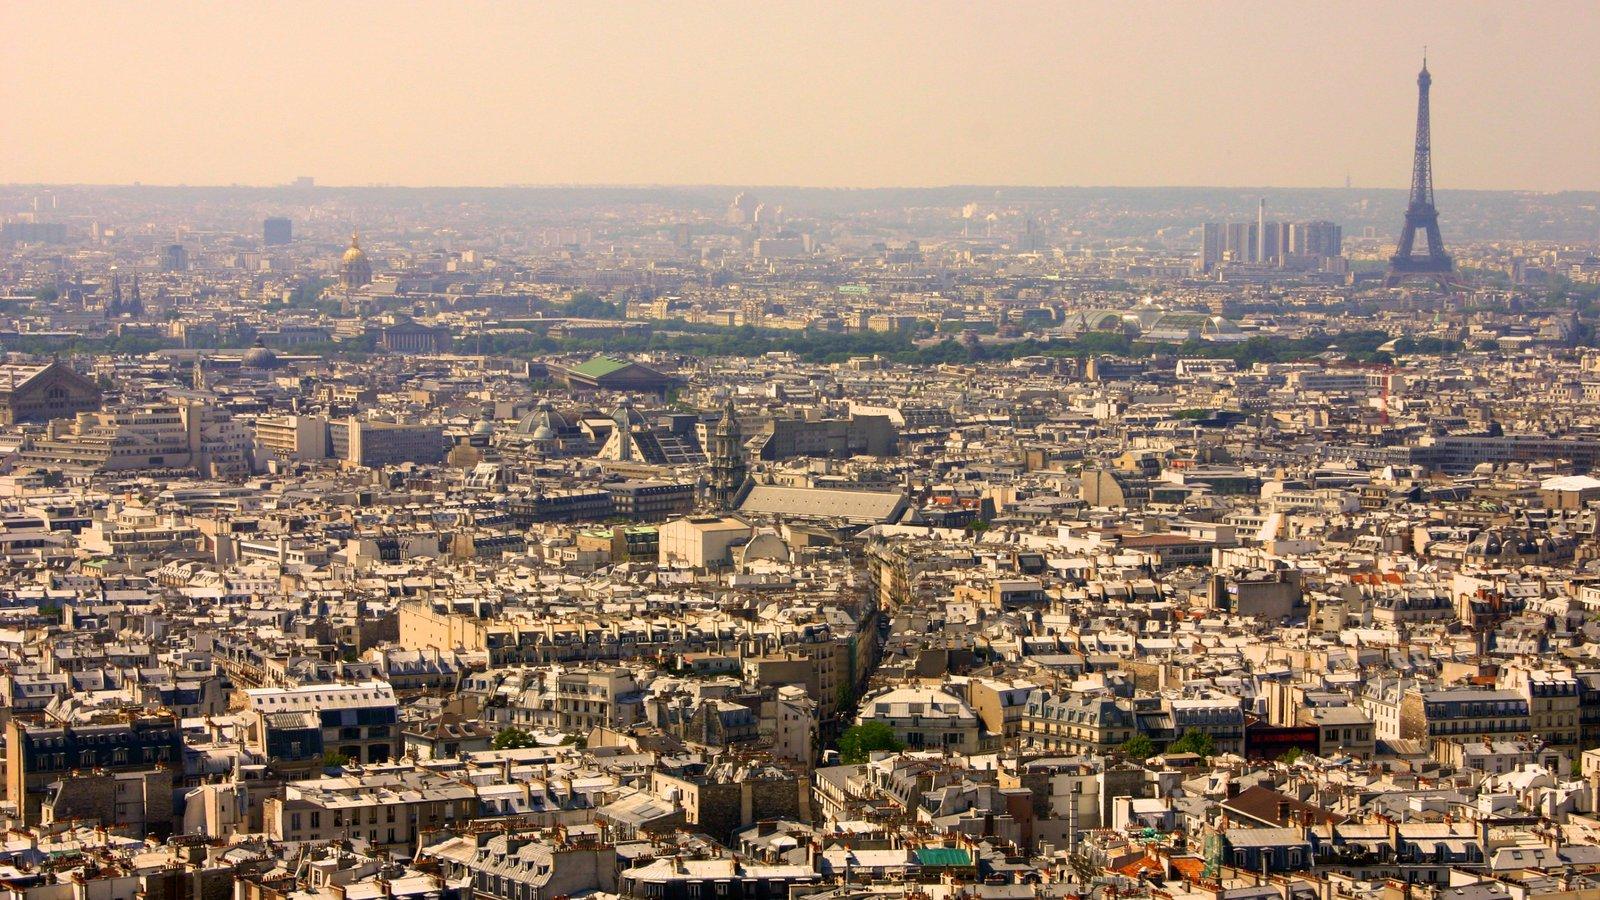 Montmartre que inclui uma cidade, um monumento e um arranha-céu